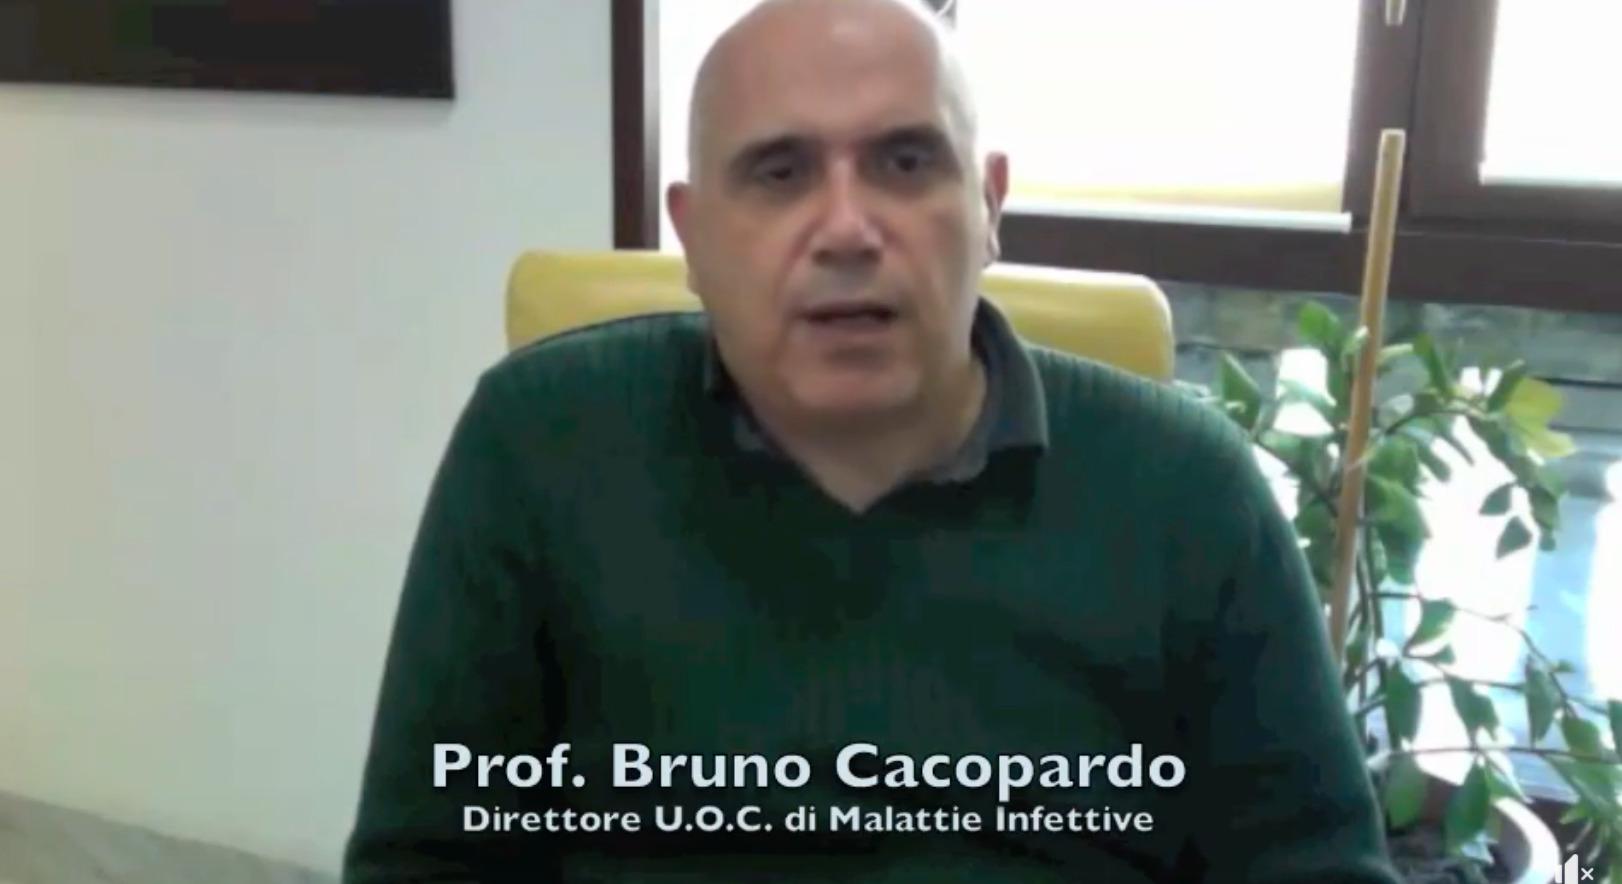 """Variante inglese in Sicilia, c'è paura per l'alta contagiosità. Cacopardo: """"Accelerare con i vaccini"""""""